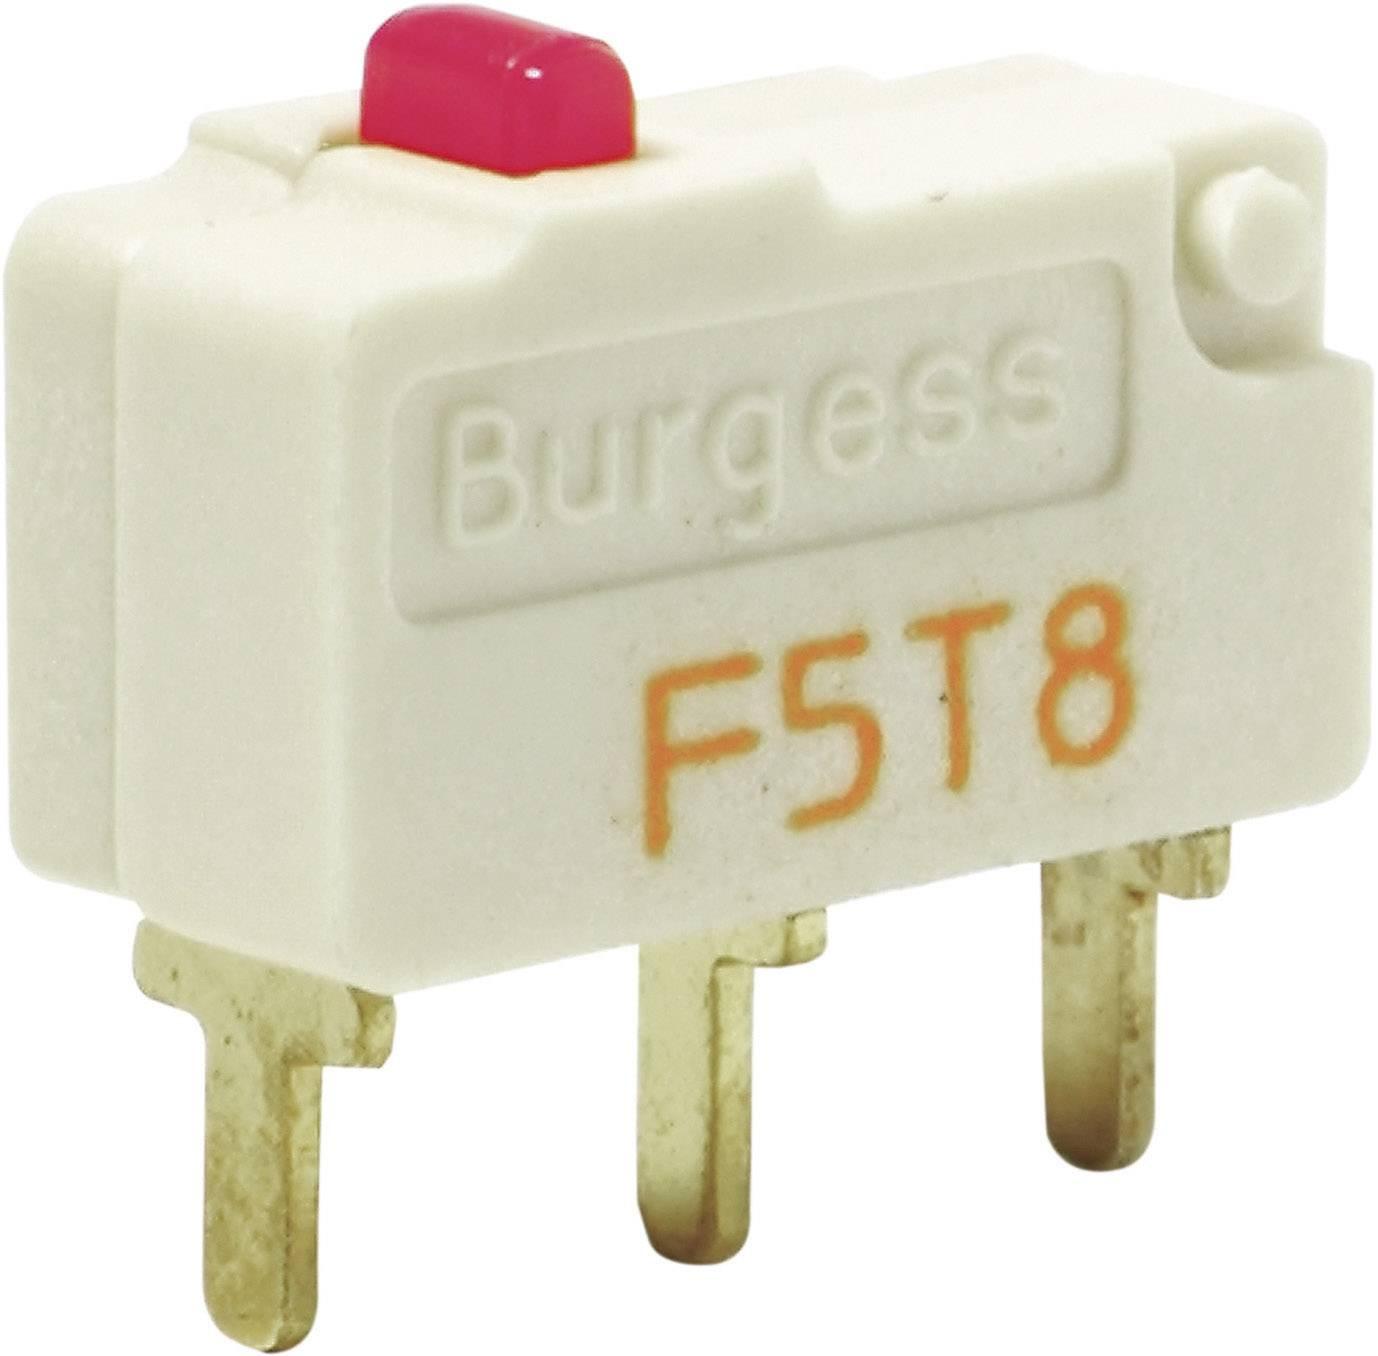 Mikrospínač - tŕň Burgess F5T8Y1UL, 250 V/AC, 5 A, IP40